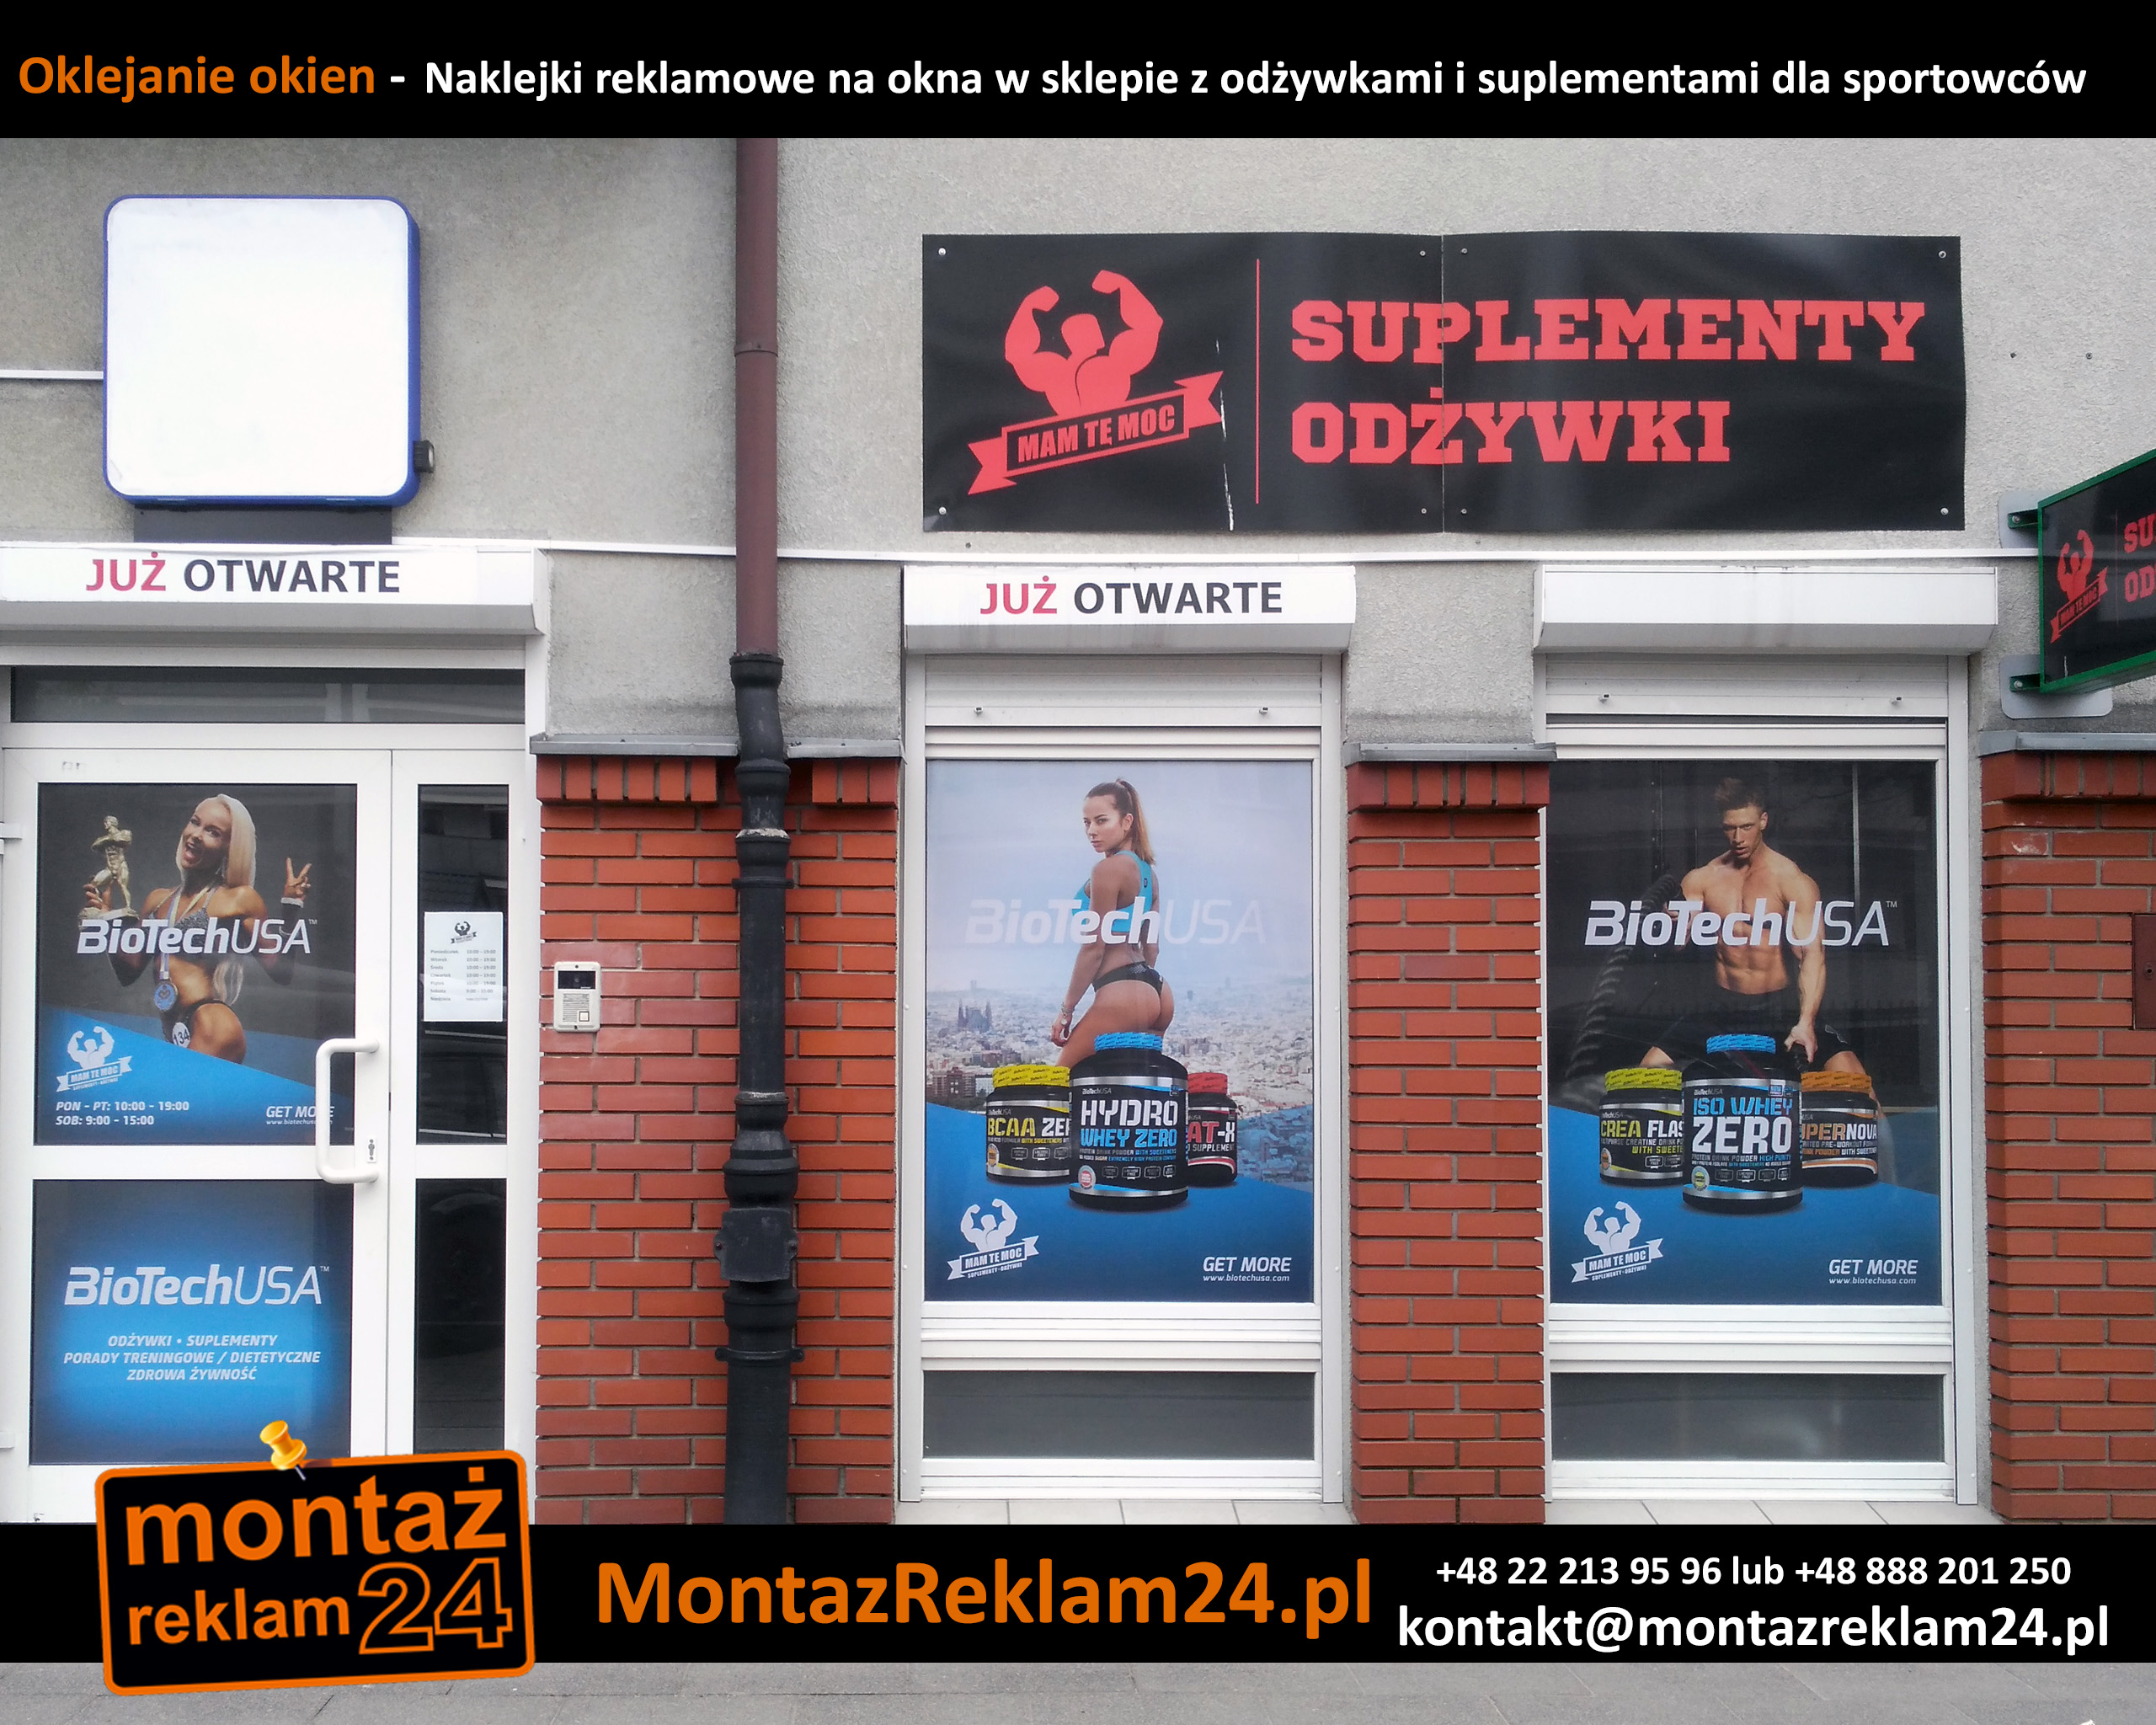 Oklejanie okien -  Naklejki reklamowe na okna w sklepie z odżywkami i suplementami dla sportowców.jpg